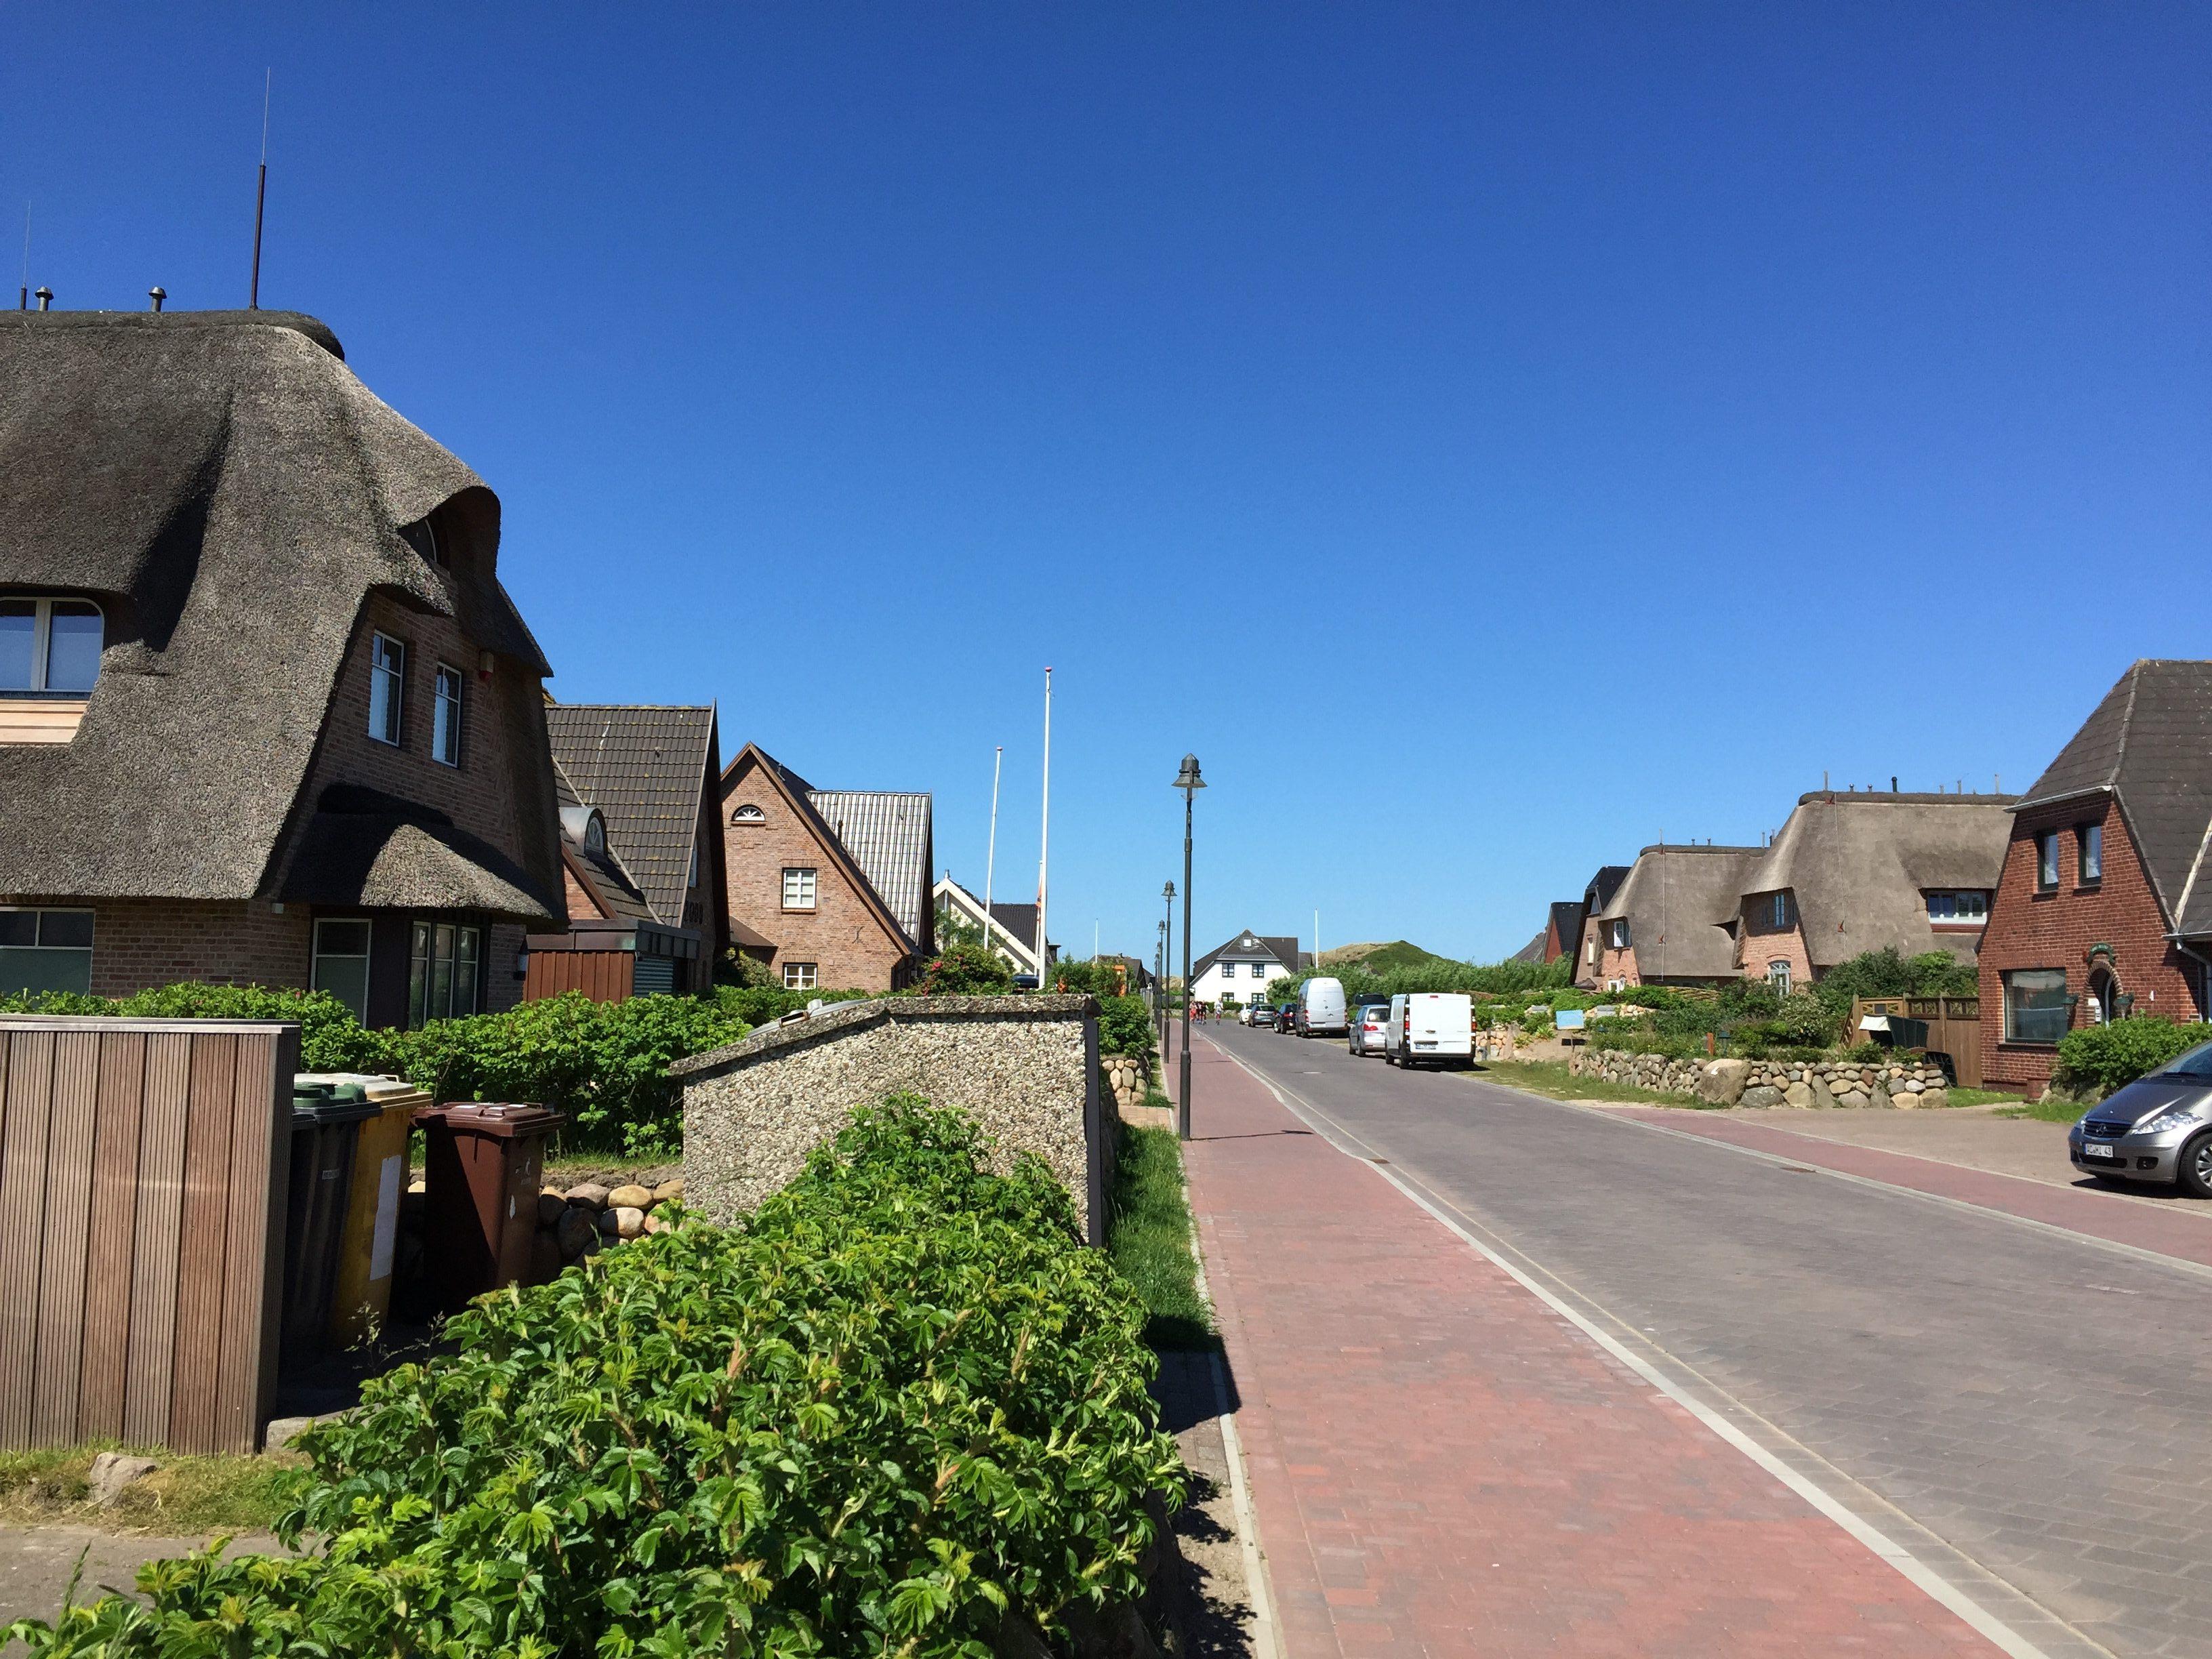 Ferienwohnung Wenningstedt - Lerchenweg